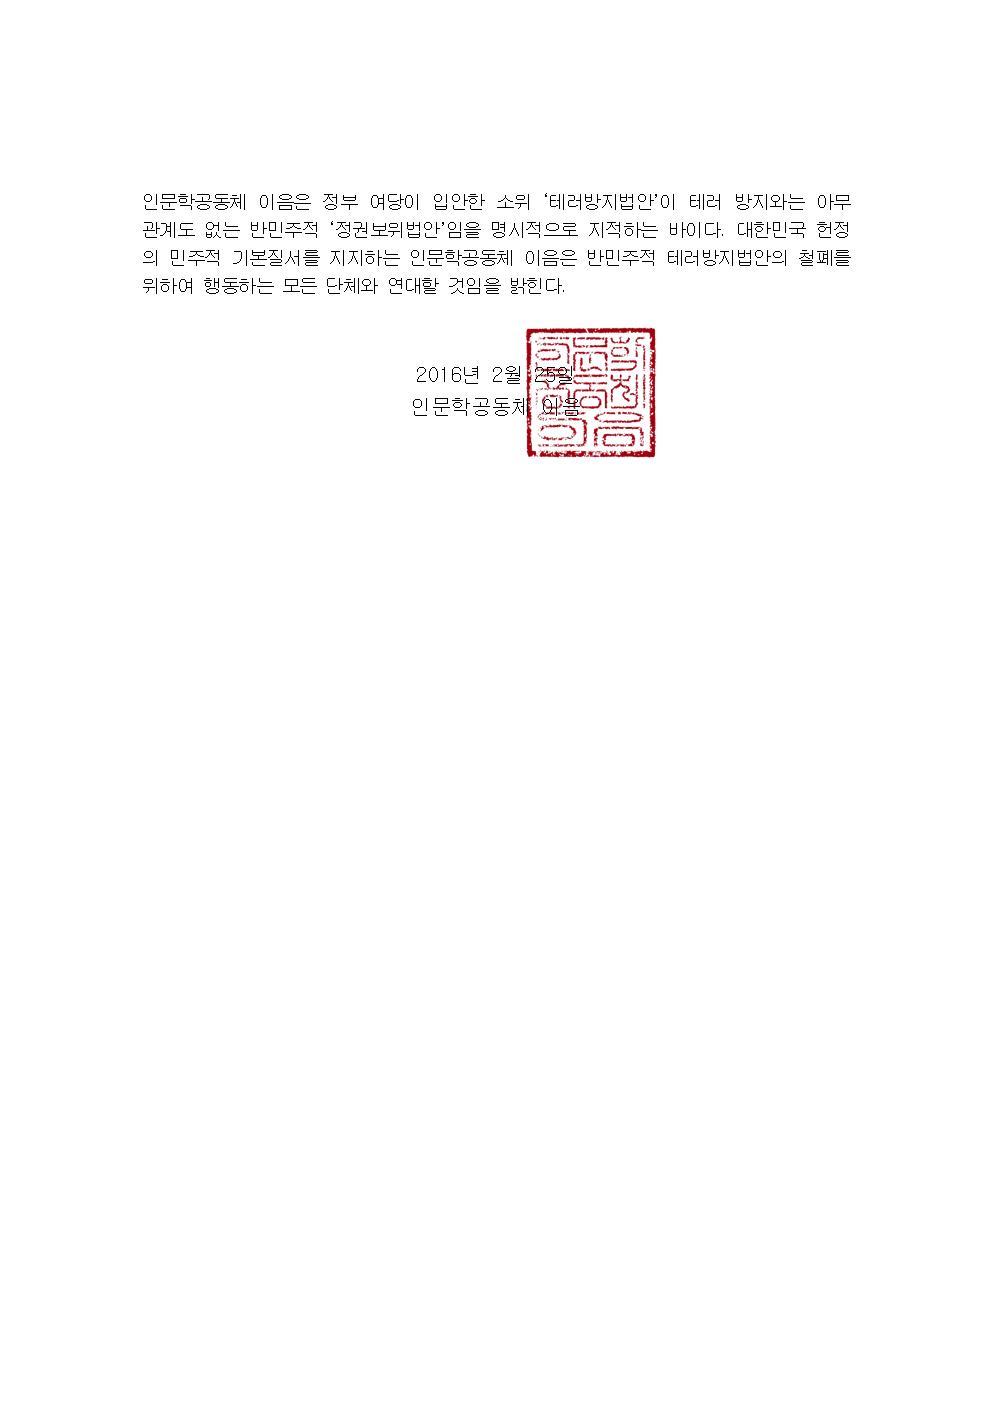 소위 '테러방지법' 직권상정에 대한 인문학공동체 이음의 입장002.jpg